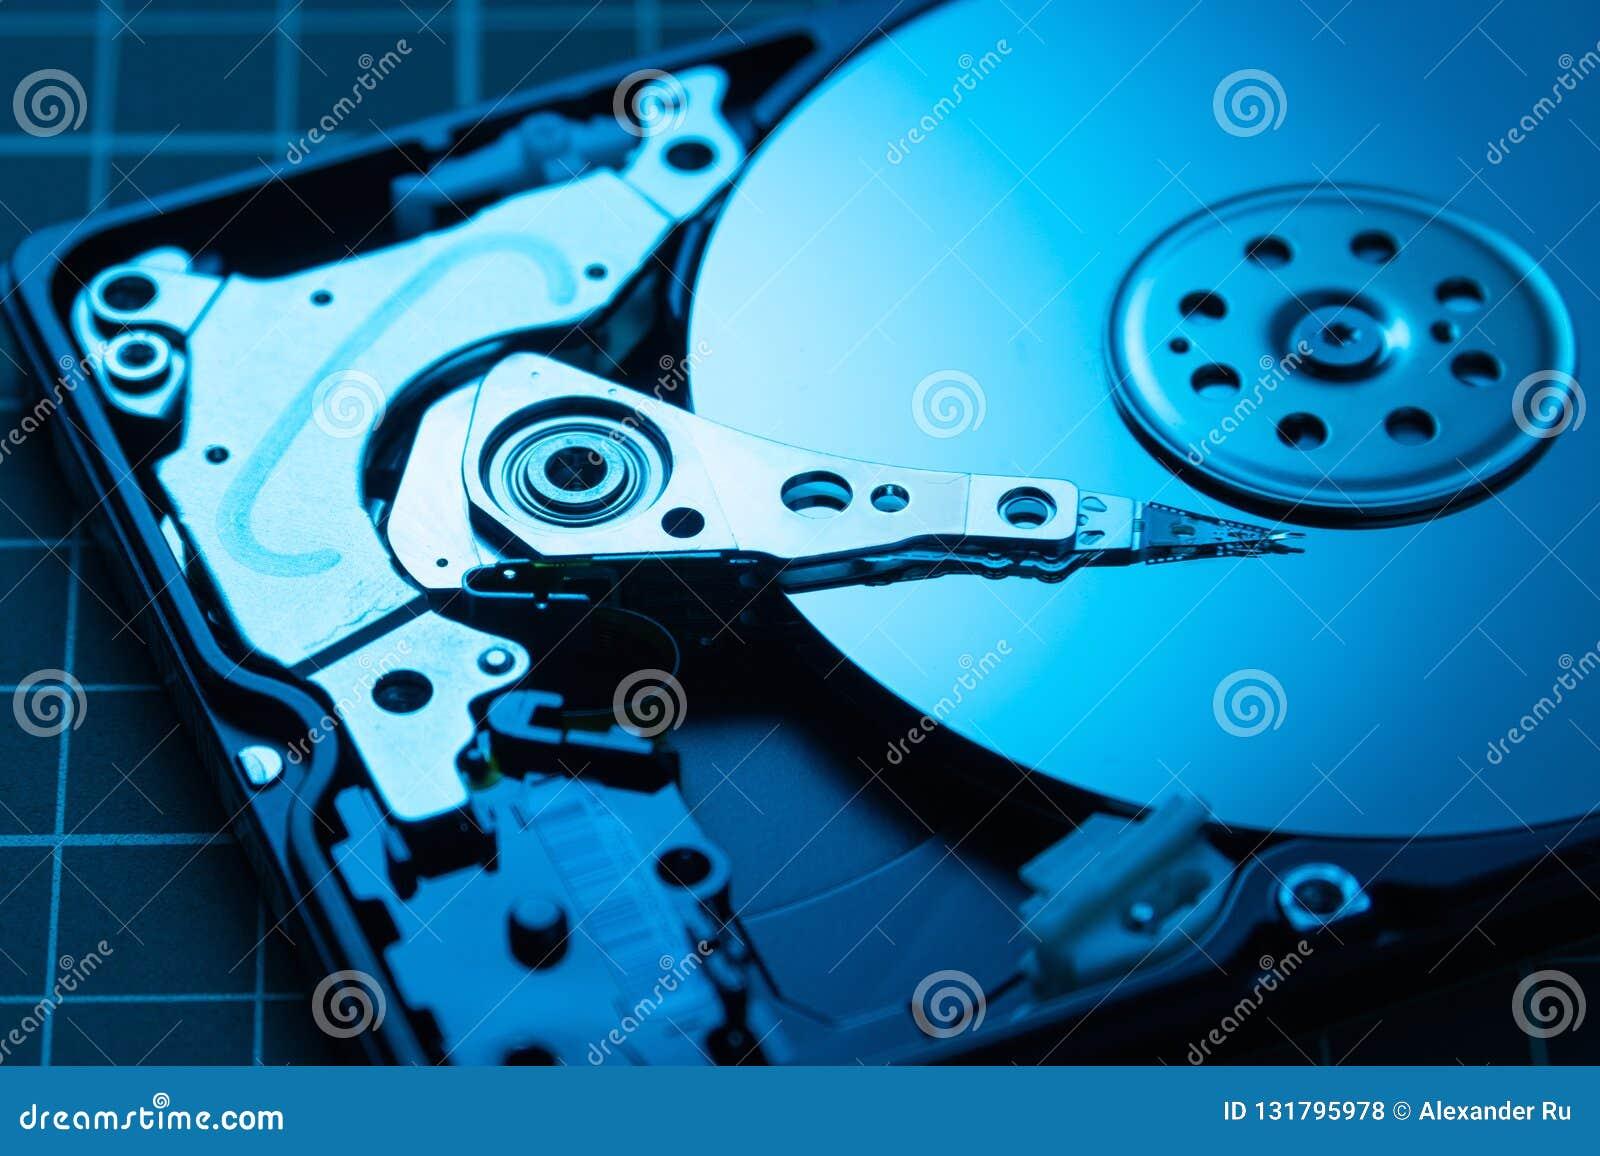 Travaux forcés d unité de disques ouverts Le concept du stockage de données rangée de données HDD bleu